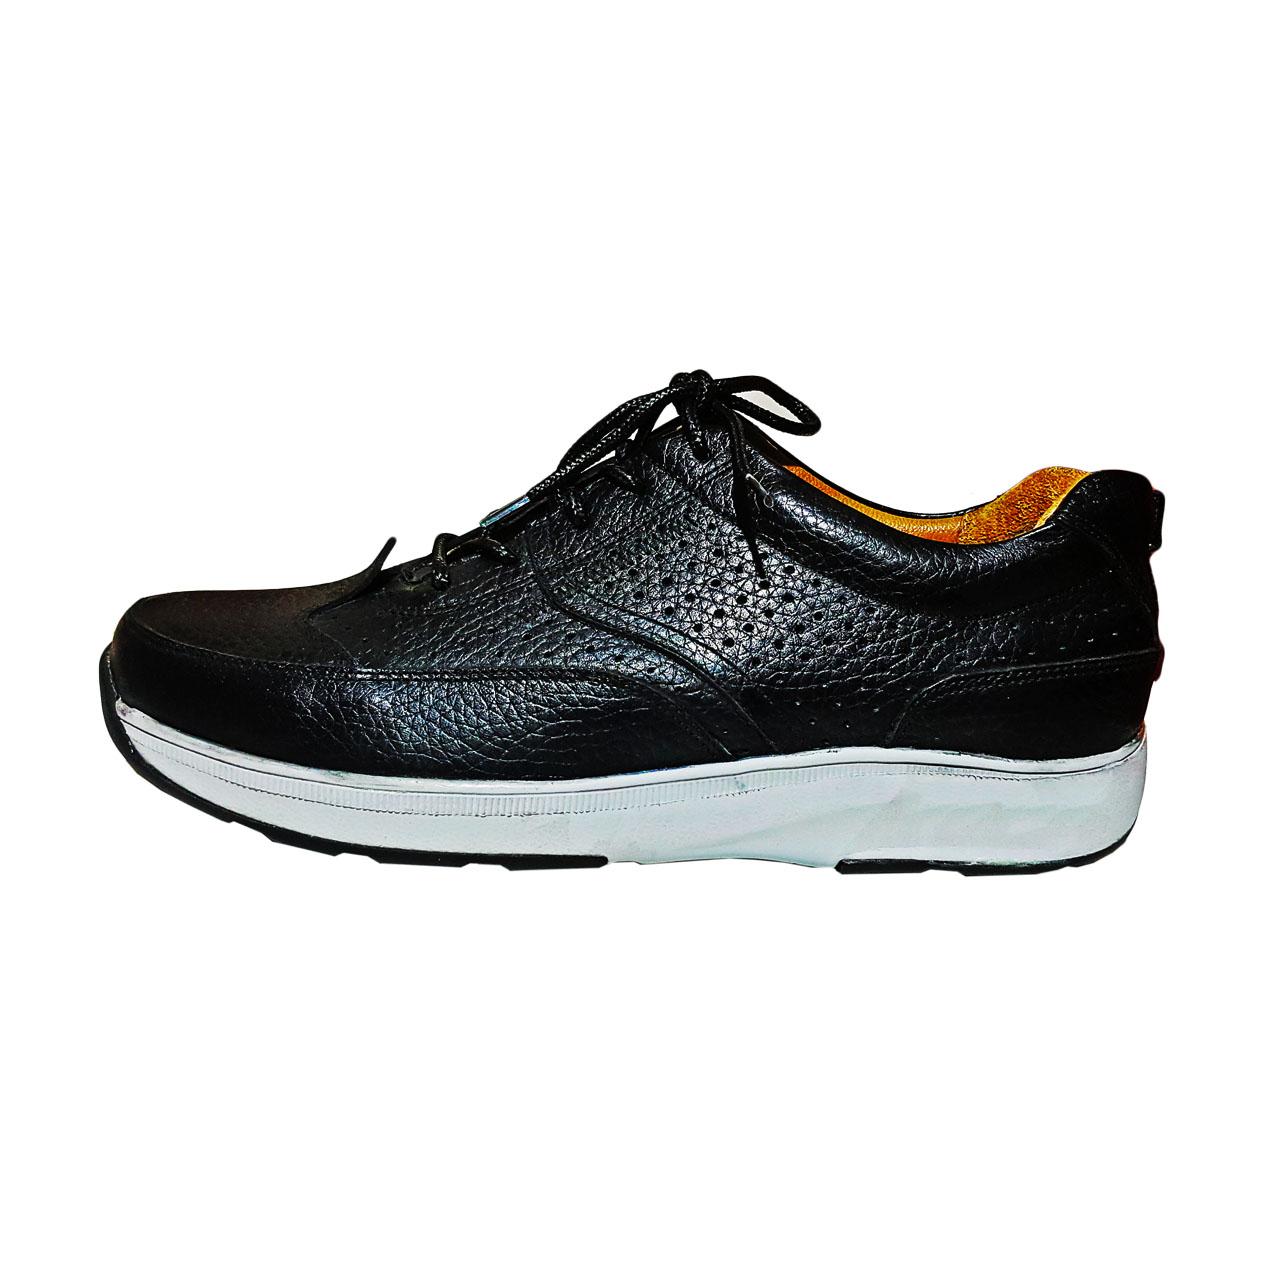 قیمت کفش کتانی چرم طبیعی مردانه کد 1107